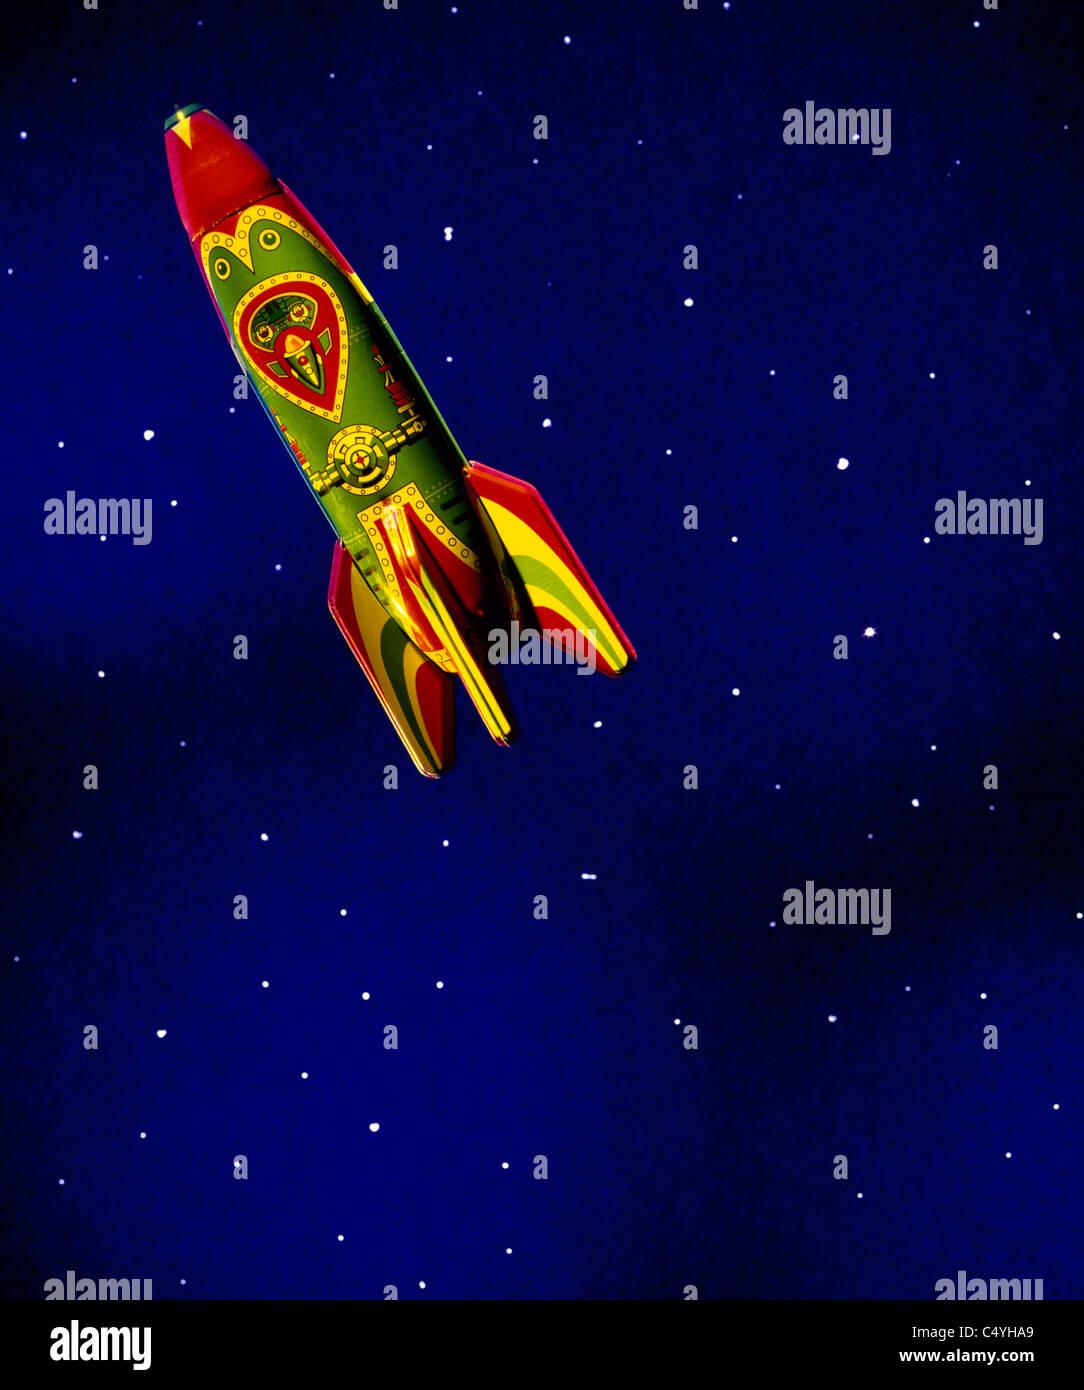 Un juguete infantil cohete espacial flotando en el espacio de color azul oscuro y estrellas Imagen De Stock